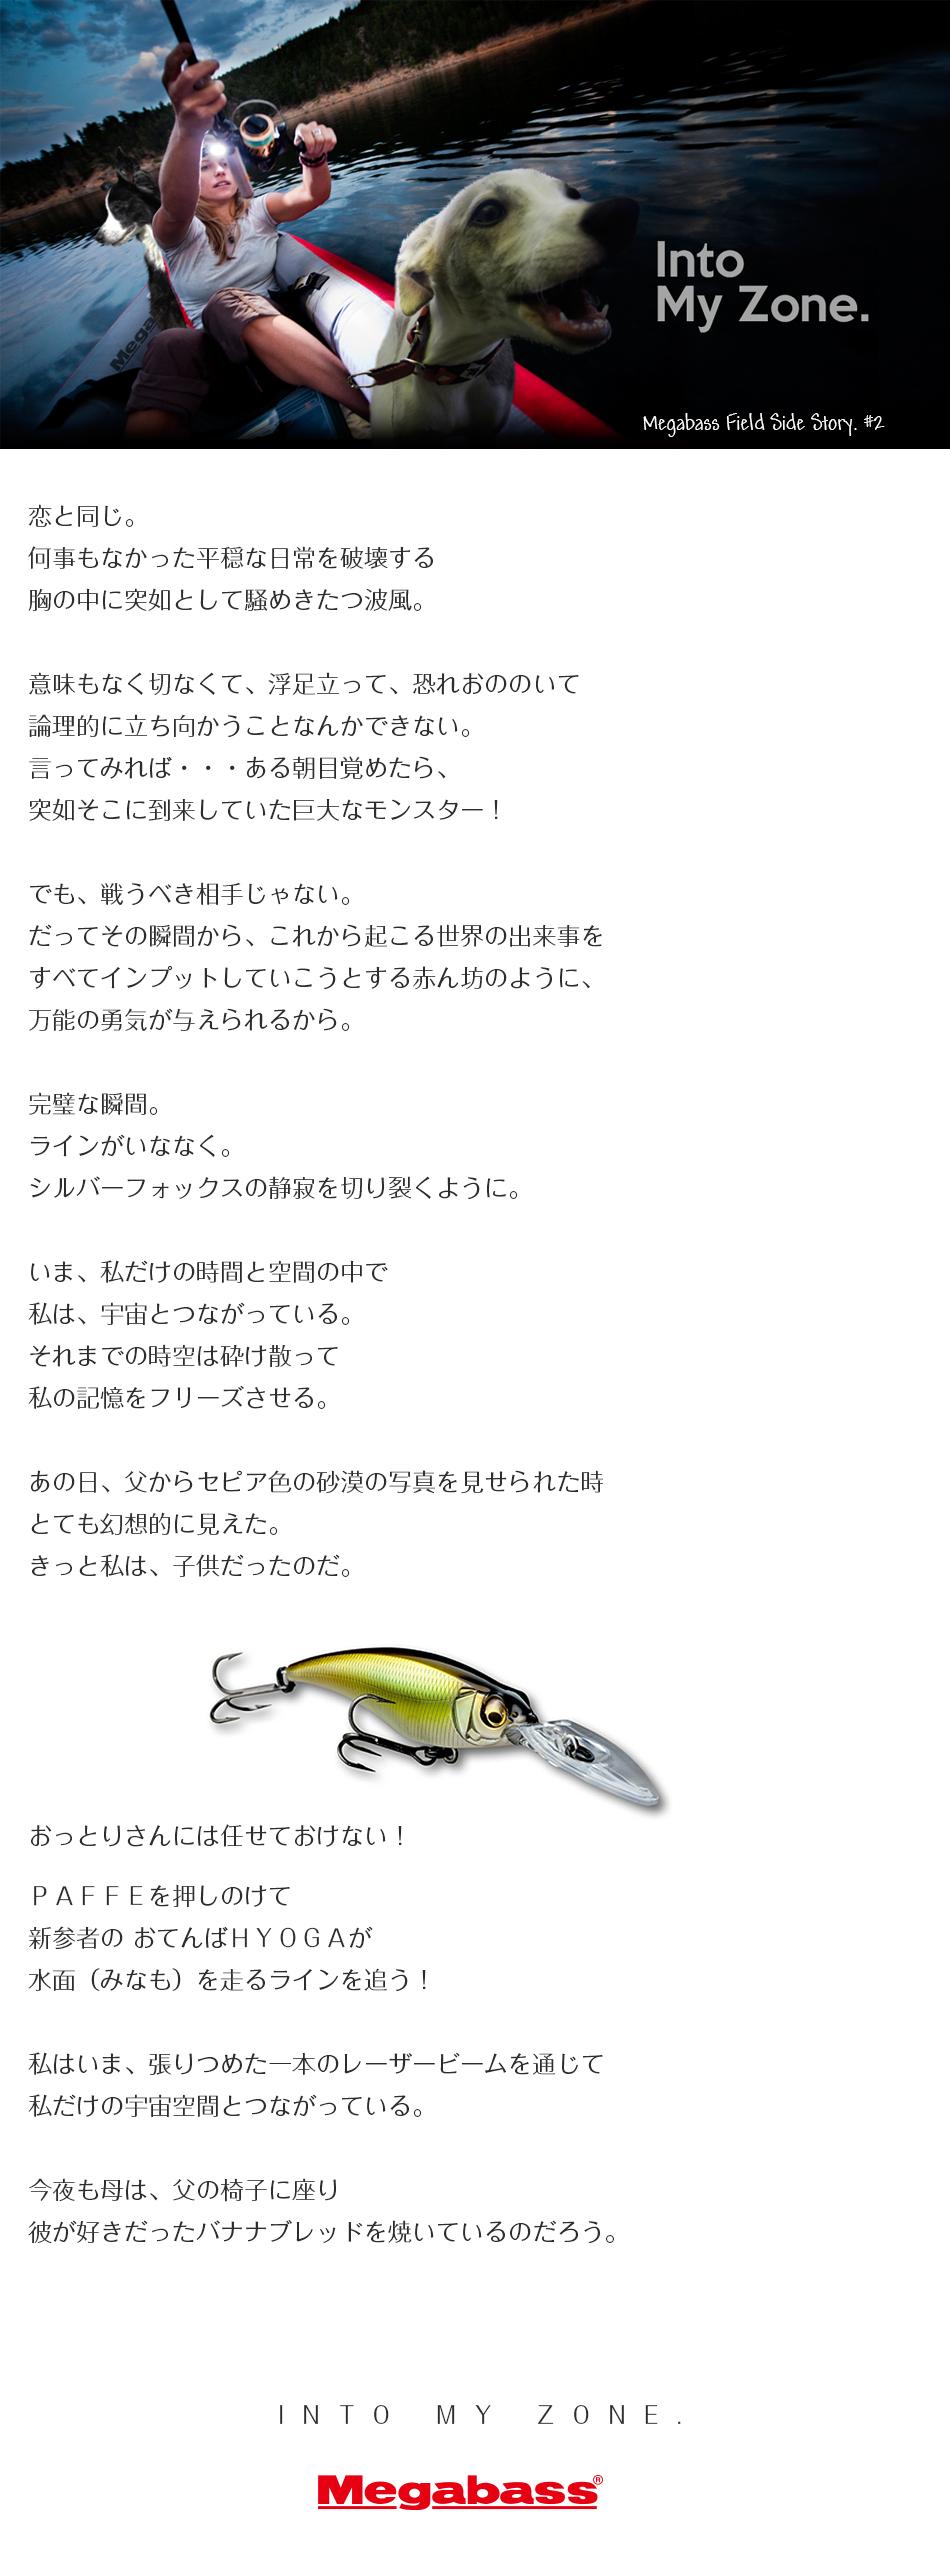 story_2a2